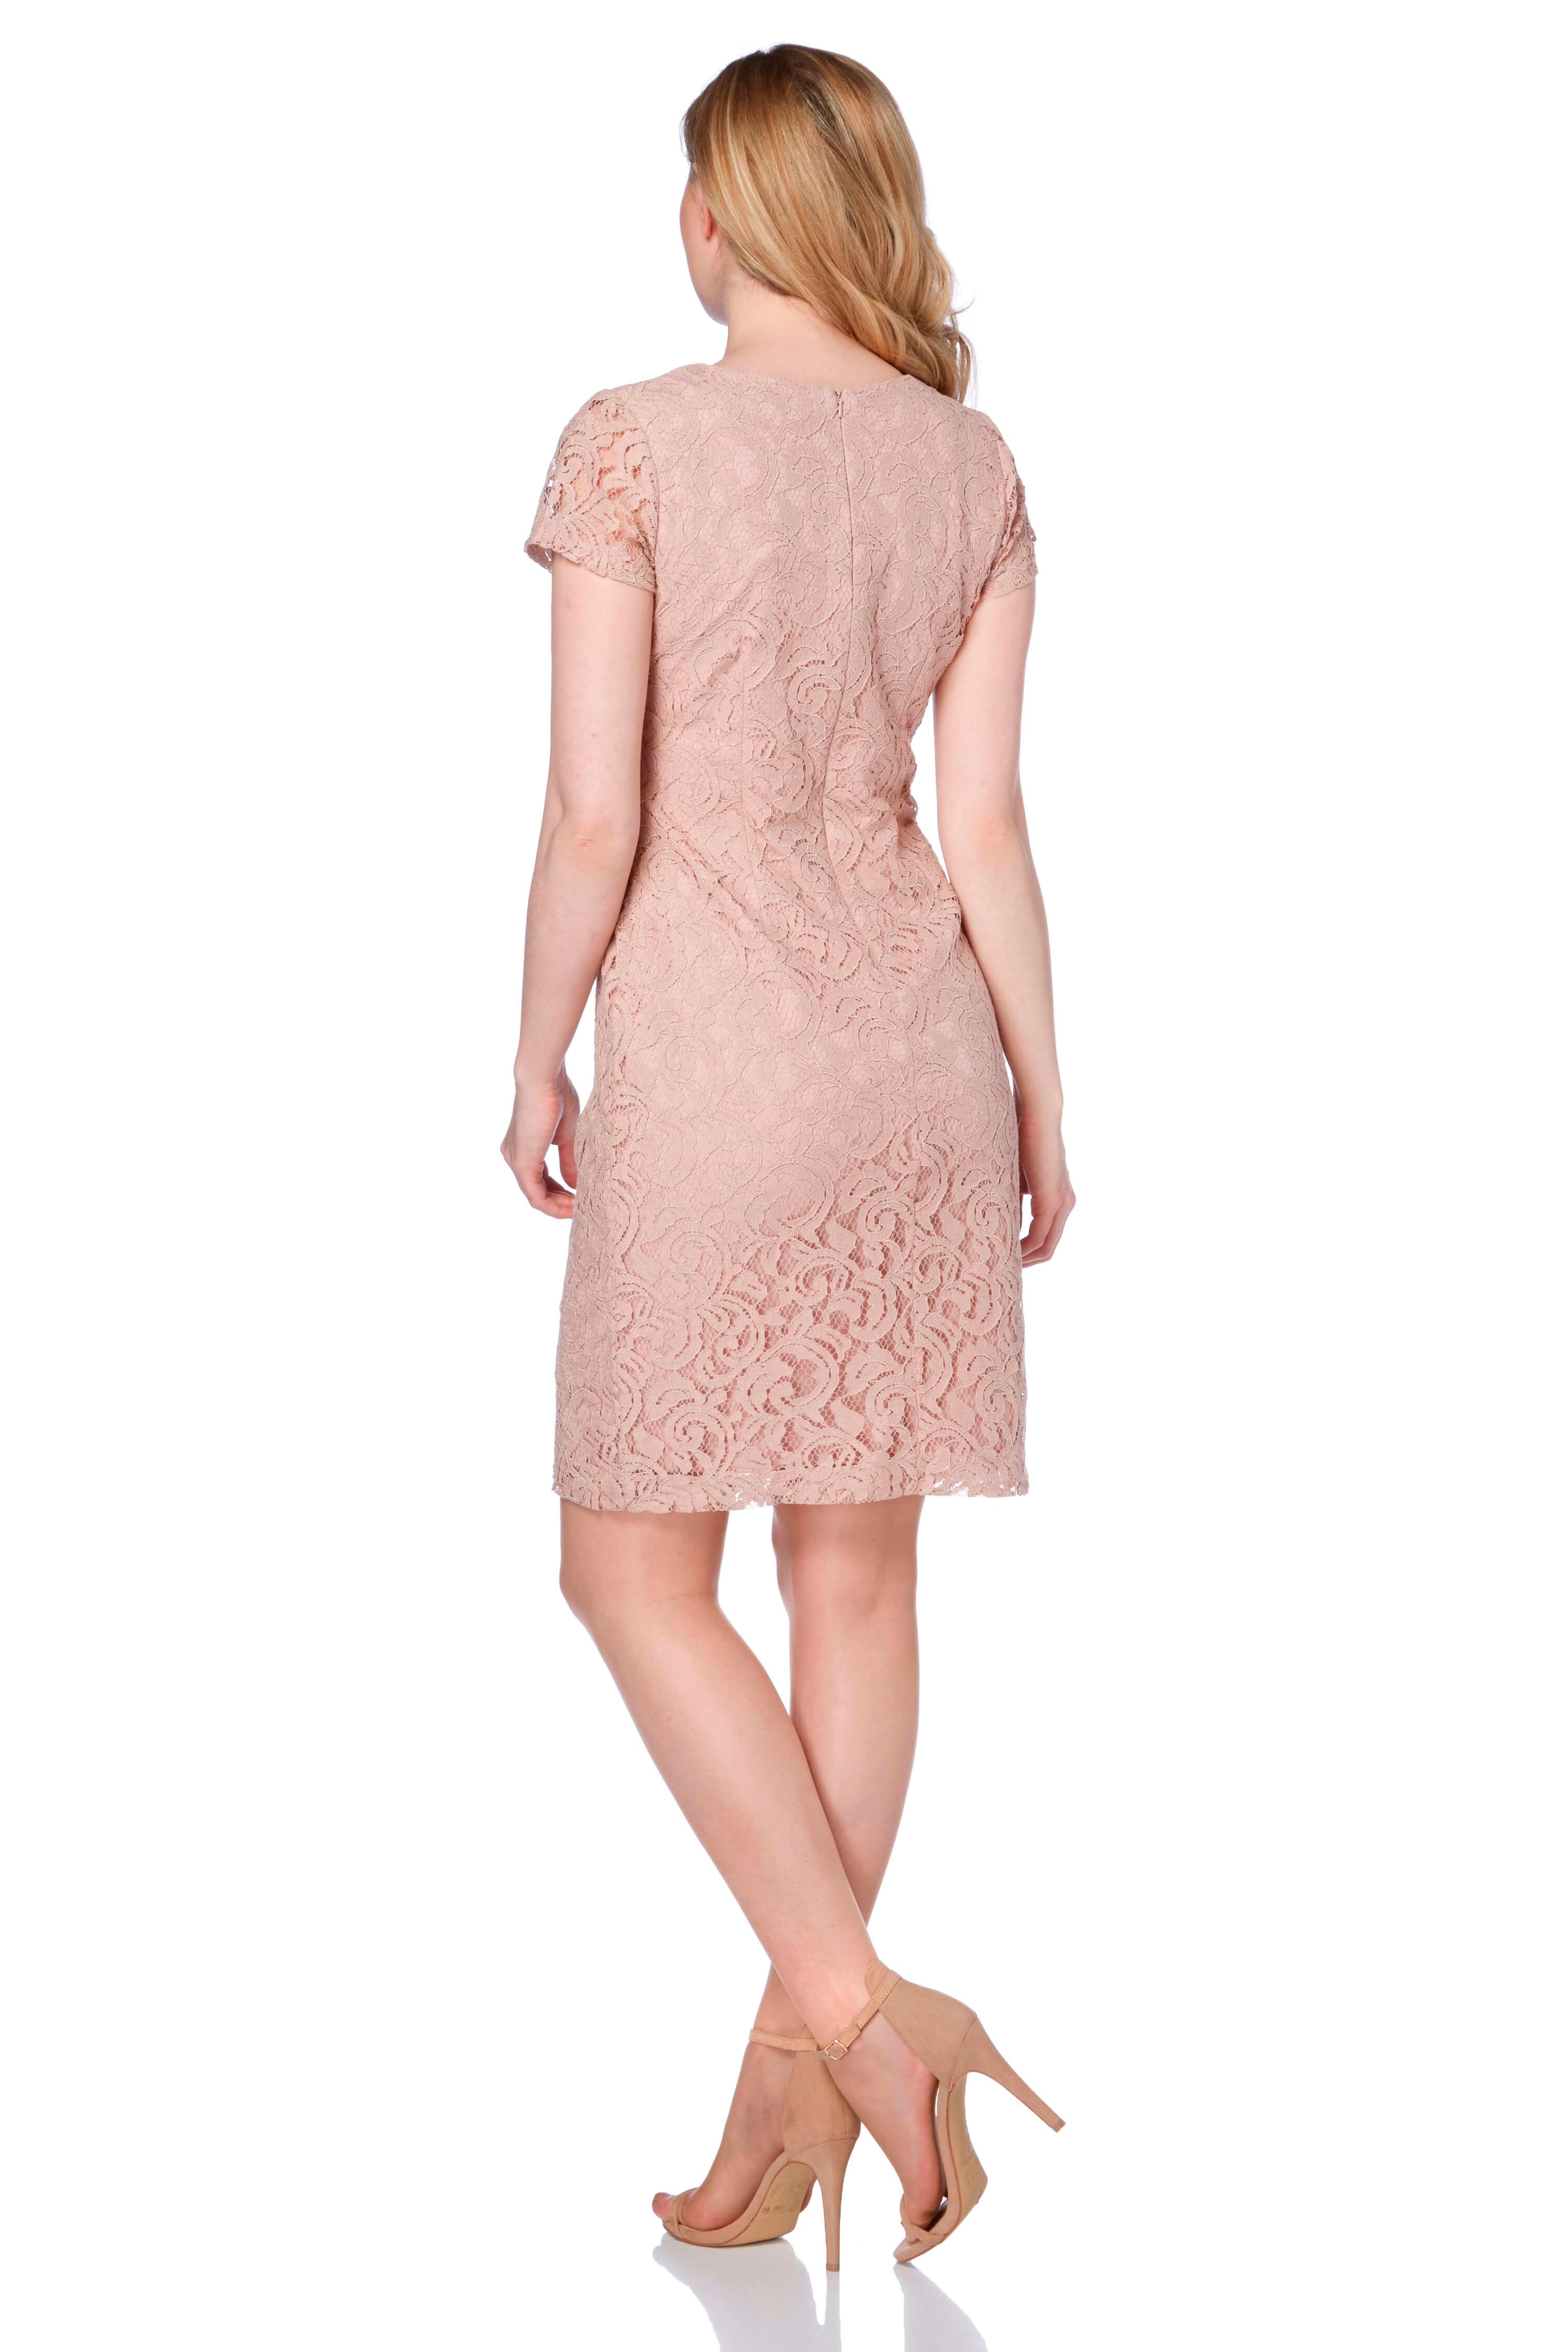 Roman-Originals-Ladies-V-Neck-Lace-Floral-Dress-Royal-Blue